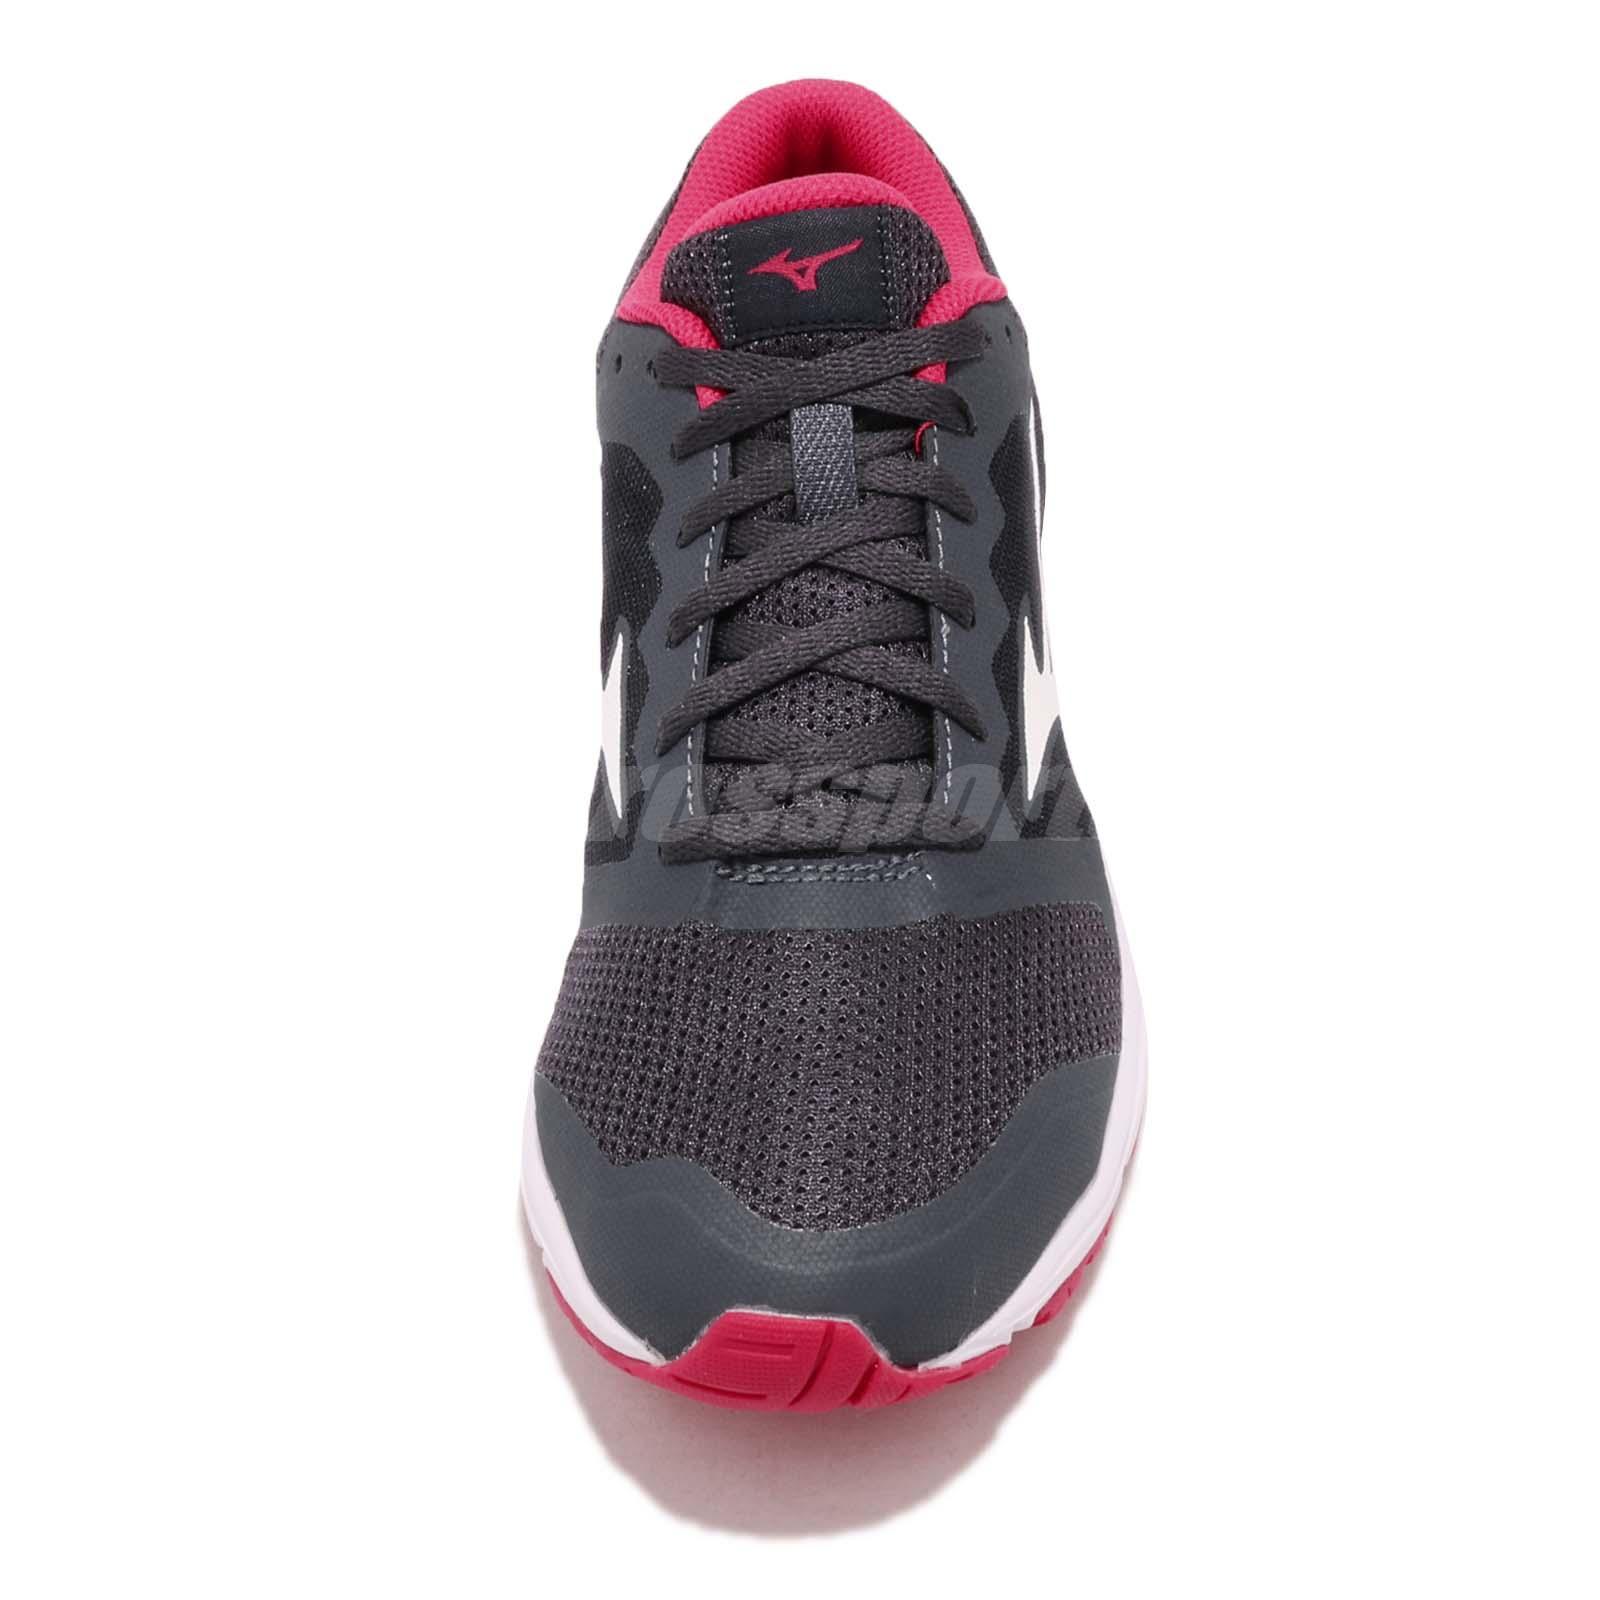 zapatillas mizuno gama alta de mujer precio